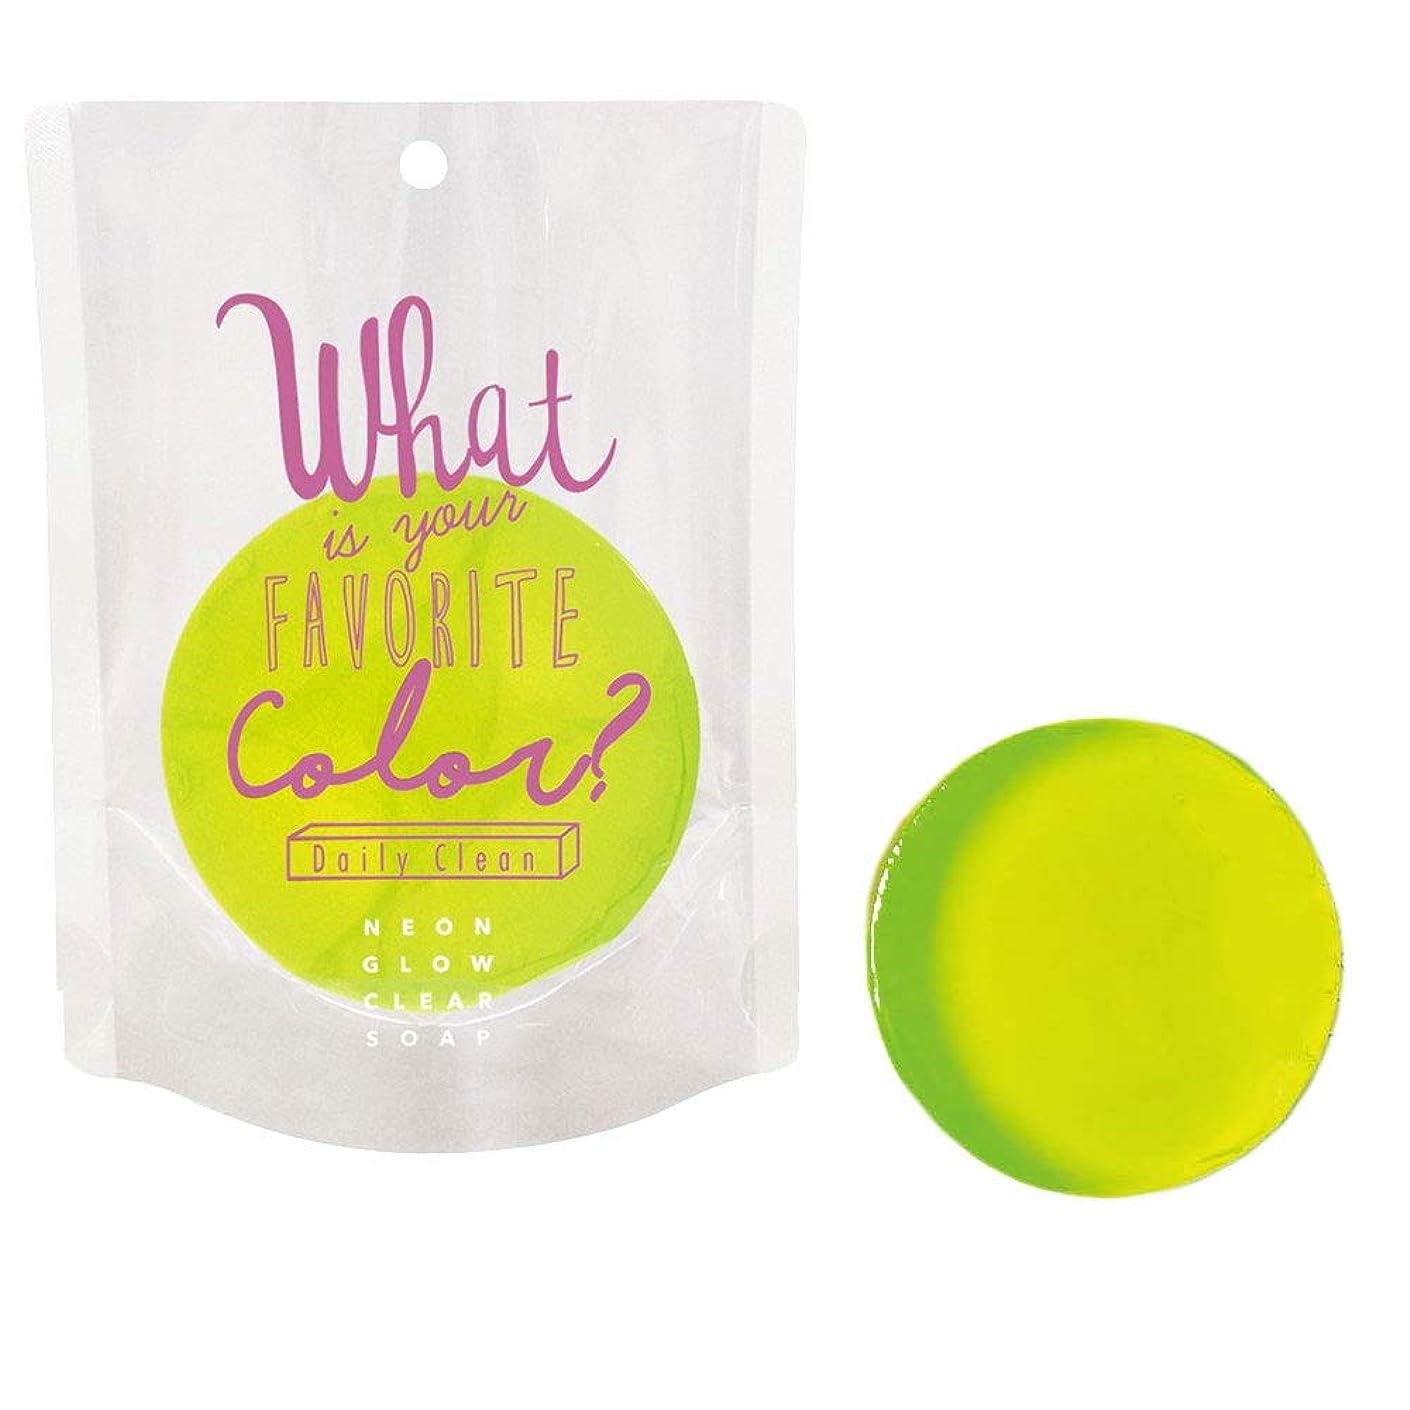 アーティキュレーション定義する宝ネオングロークリアソープ ob-ngw-2-1-4(02/パパイヤ) Neon Glow Clear Soap 石鹸 ノルコーポレーション 固形 せっけん カラフル 香り 清潔 ギフト プレゼント